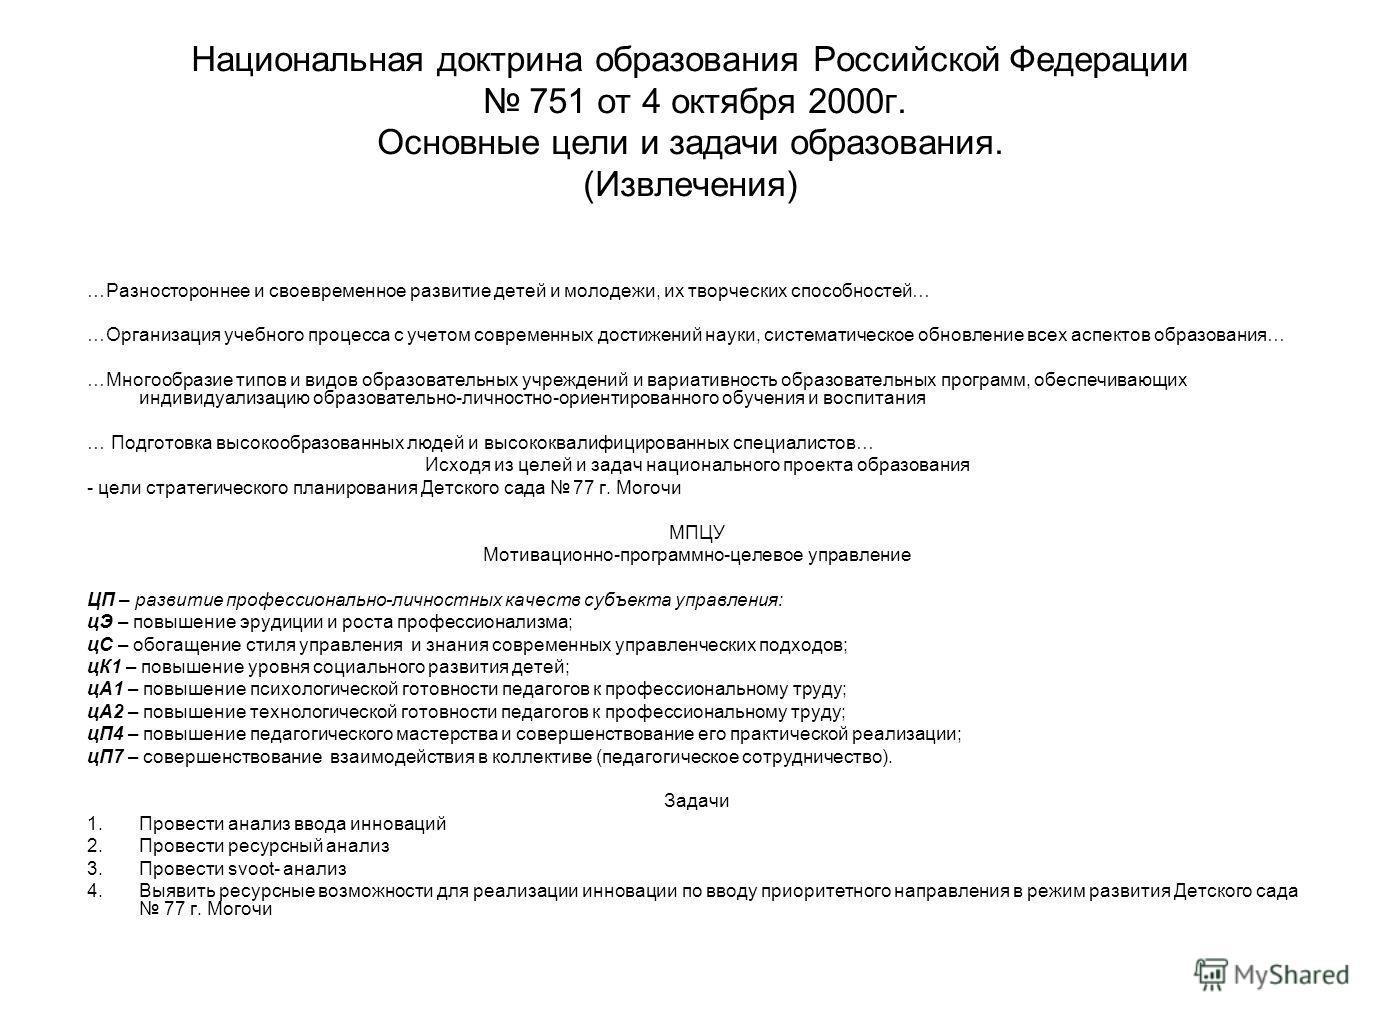 Национальная доктрина образования Российской Федерации 751 от 4 октября 2000г. Основные цели и задачи образования. (Извлечения) …Разностороннее и своевременное развитие детей и молодежи, их творческих способностей… …Организация учебного процесса с уч